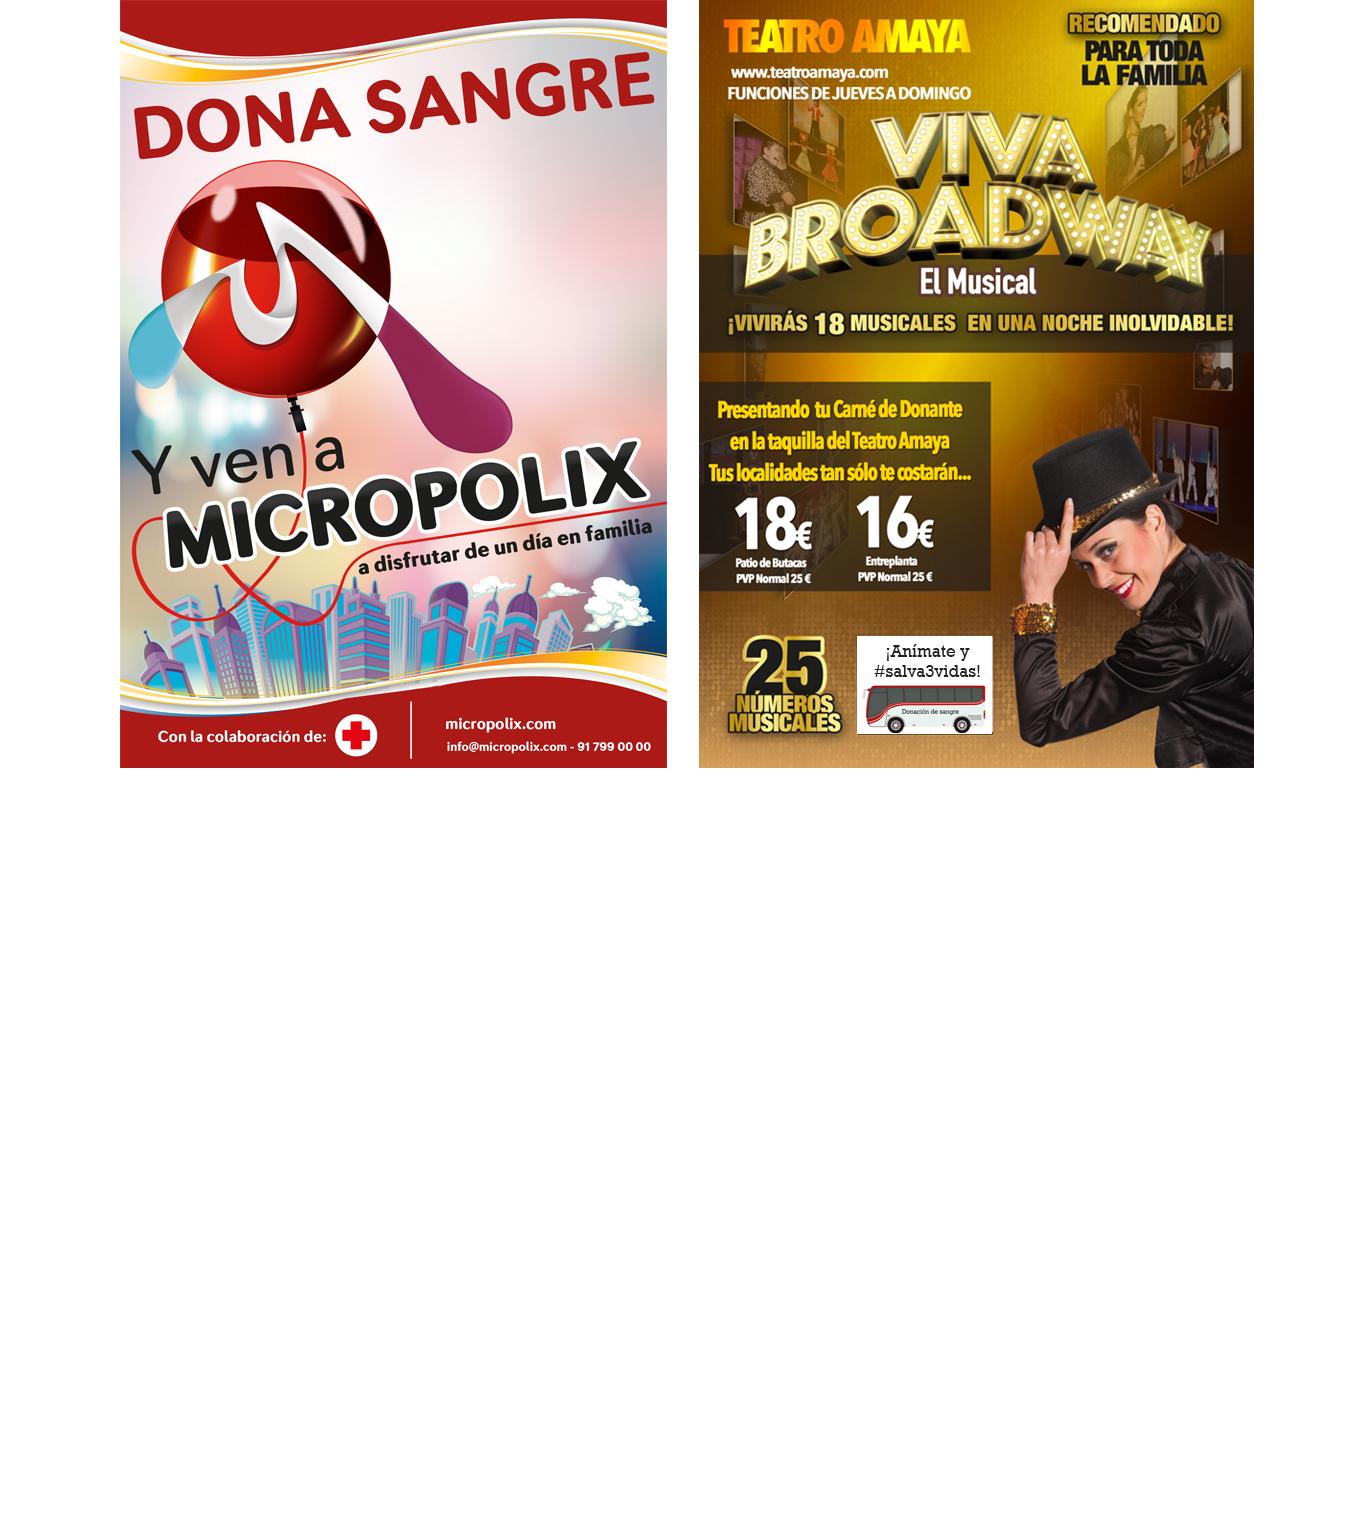 Pagina Interior Micropolix y Viva Broadway OK